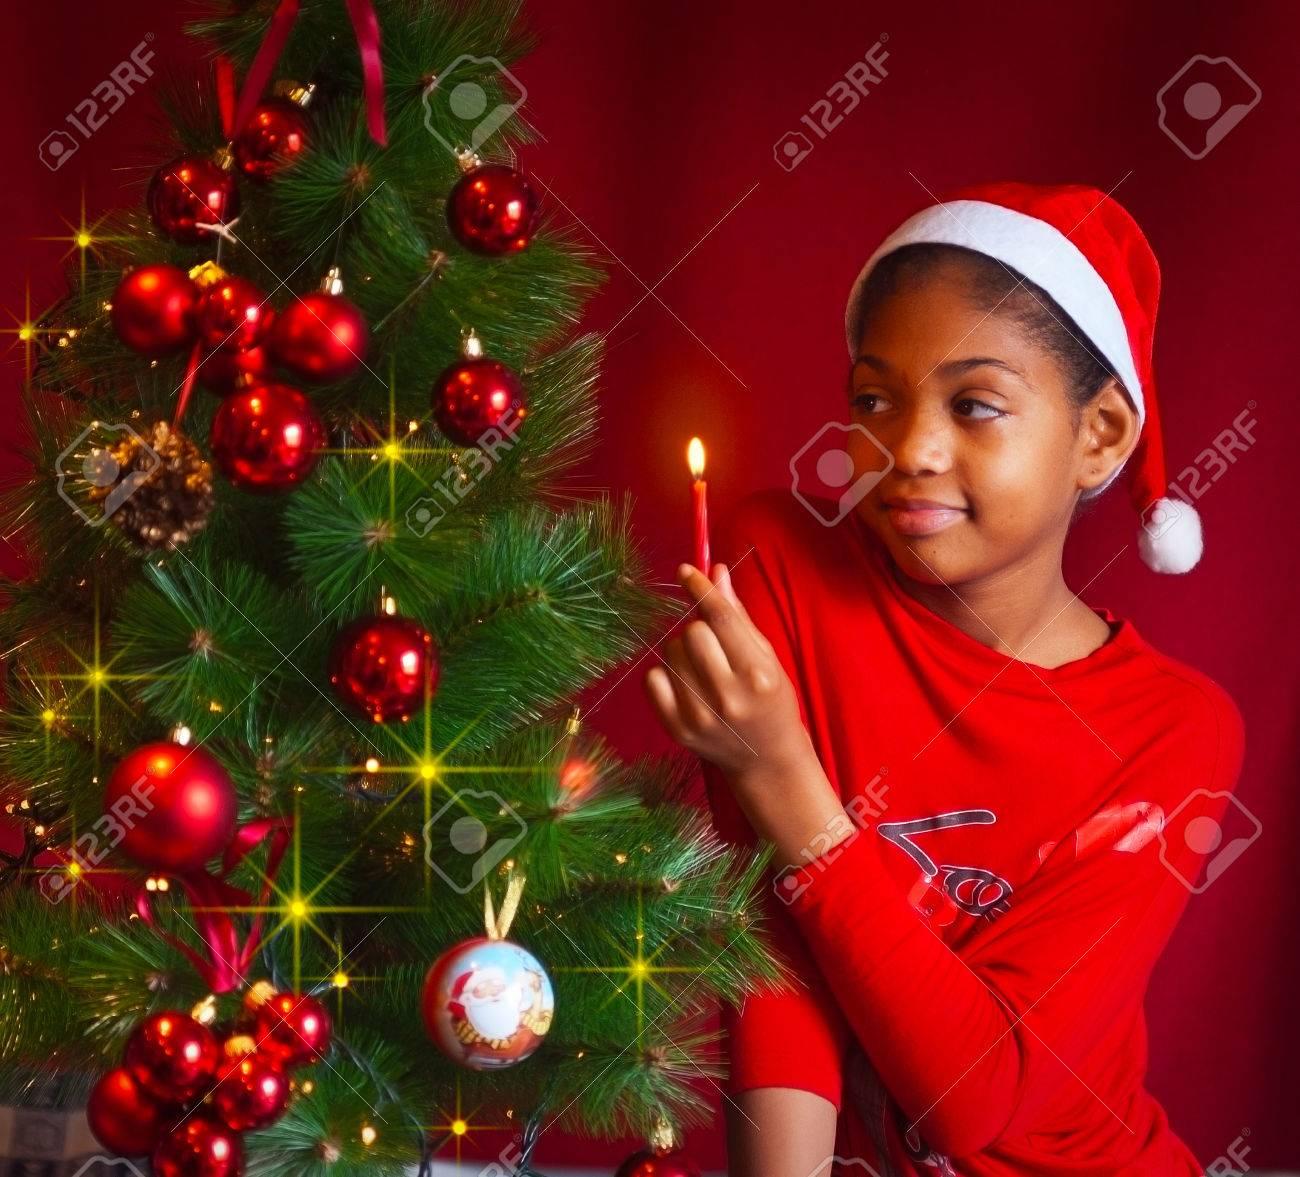 bbafecf77e Chica negro vestido como Santa Claus que decorar el árbol de Navidad con  luces